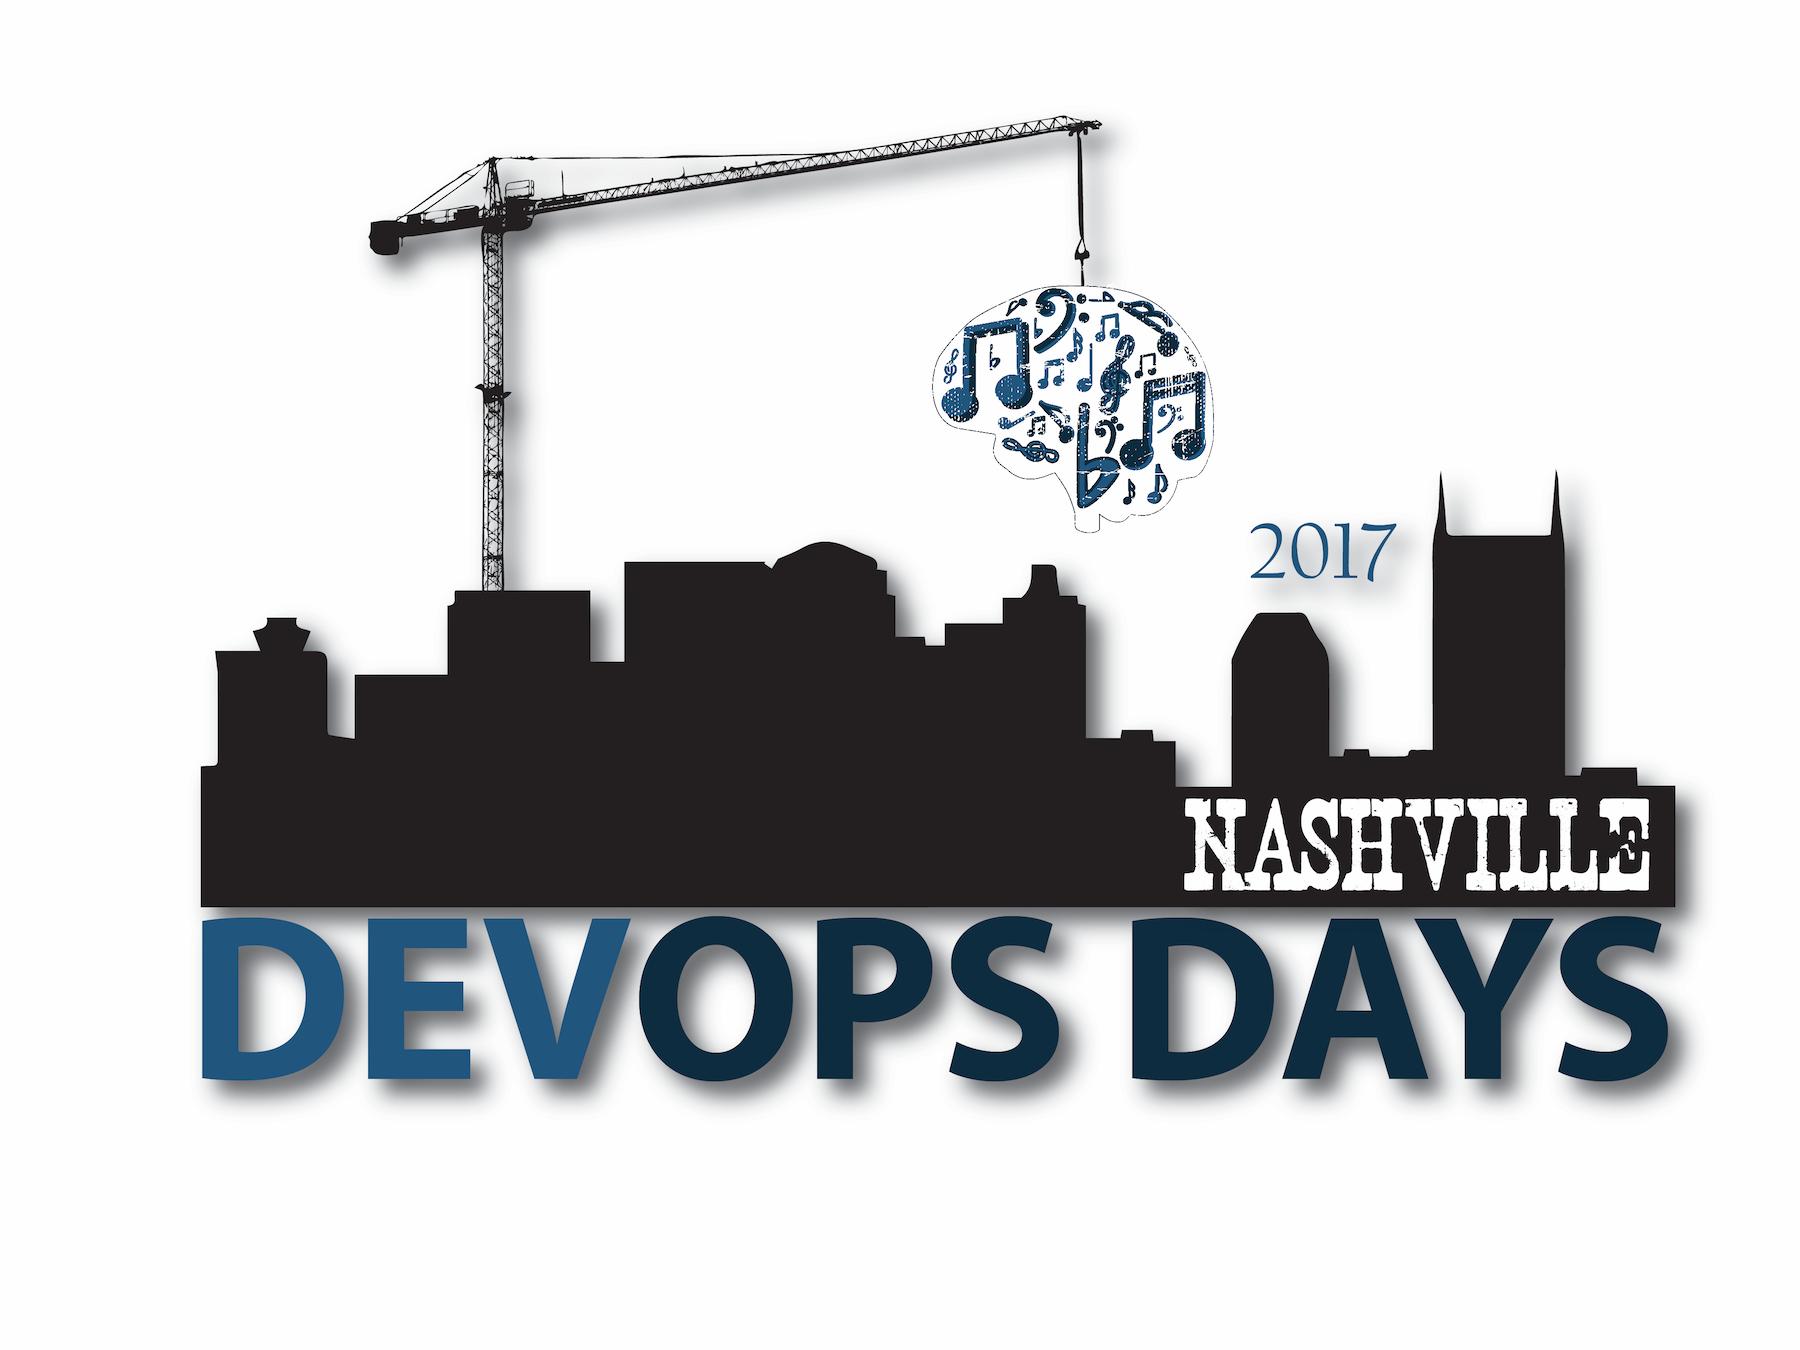 devopsdays Nashville 2017